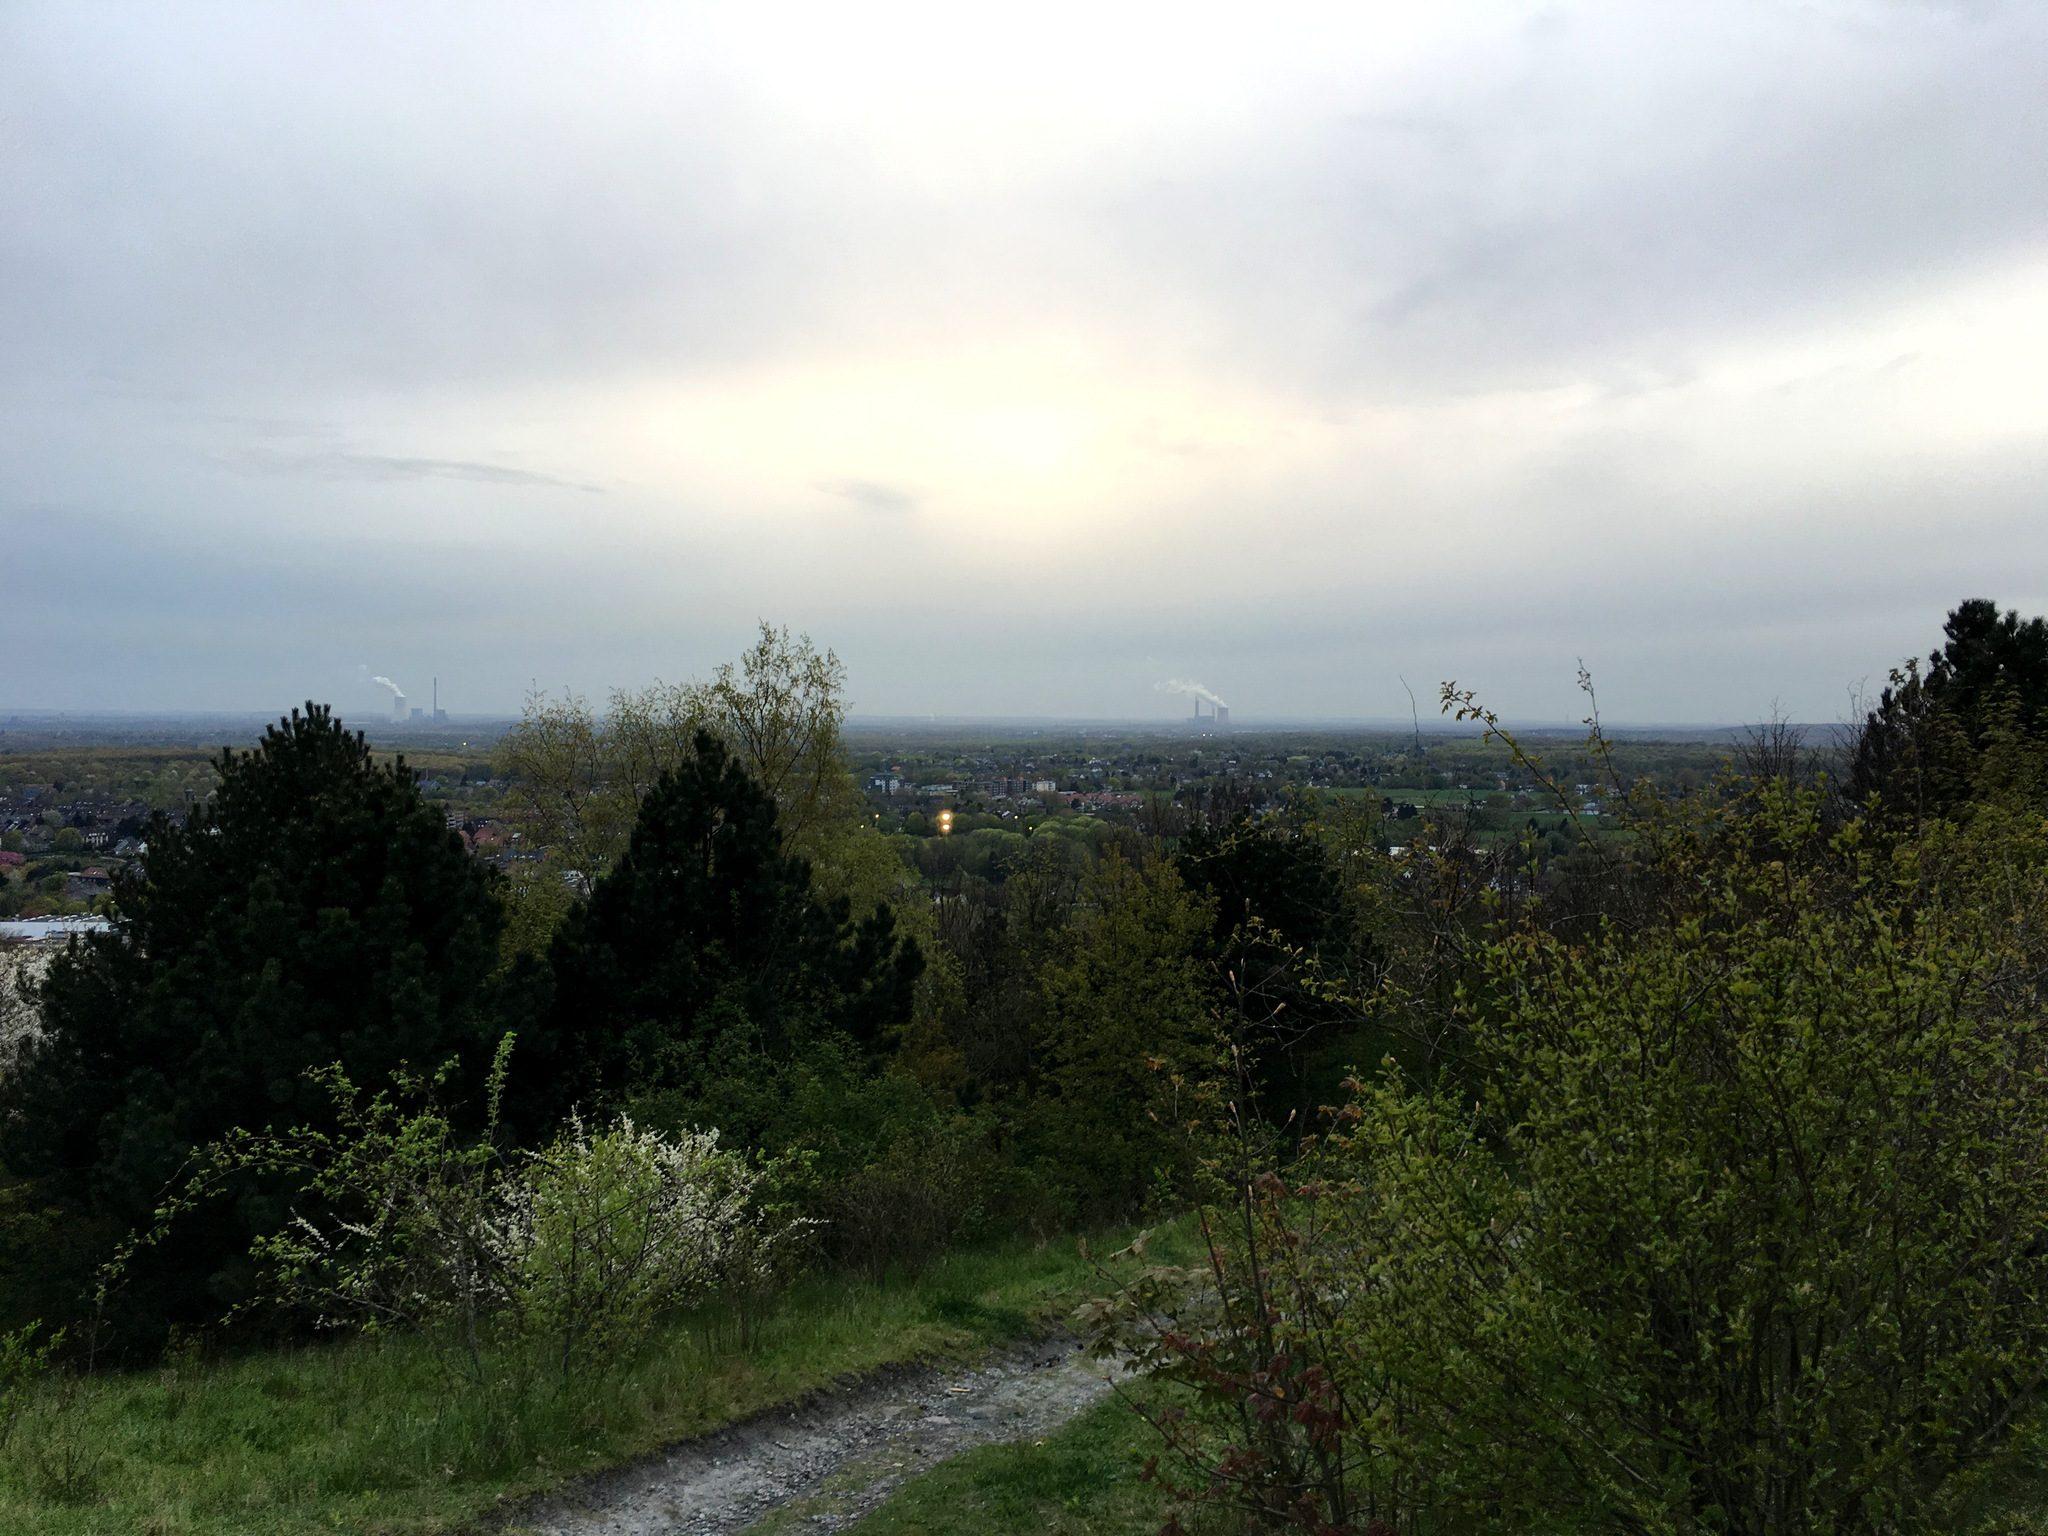 Ein erster Blick über's Ruhrgebiet. Hier hoch oben fliegen bisweilen auch Wanderfalken, von denen es mittlerweile wieder einige Paare in NRW gibt.